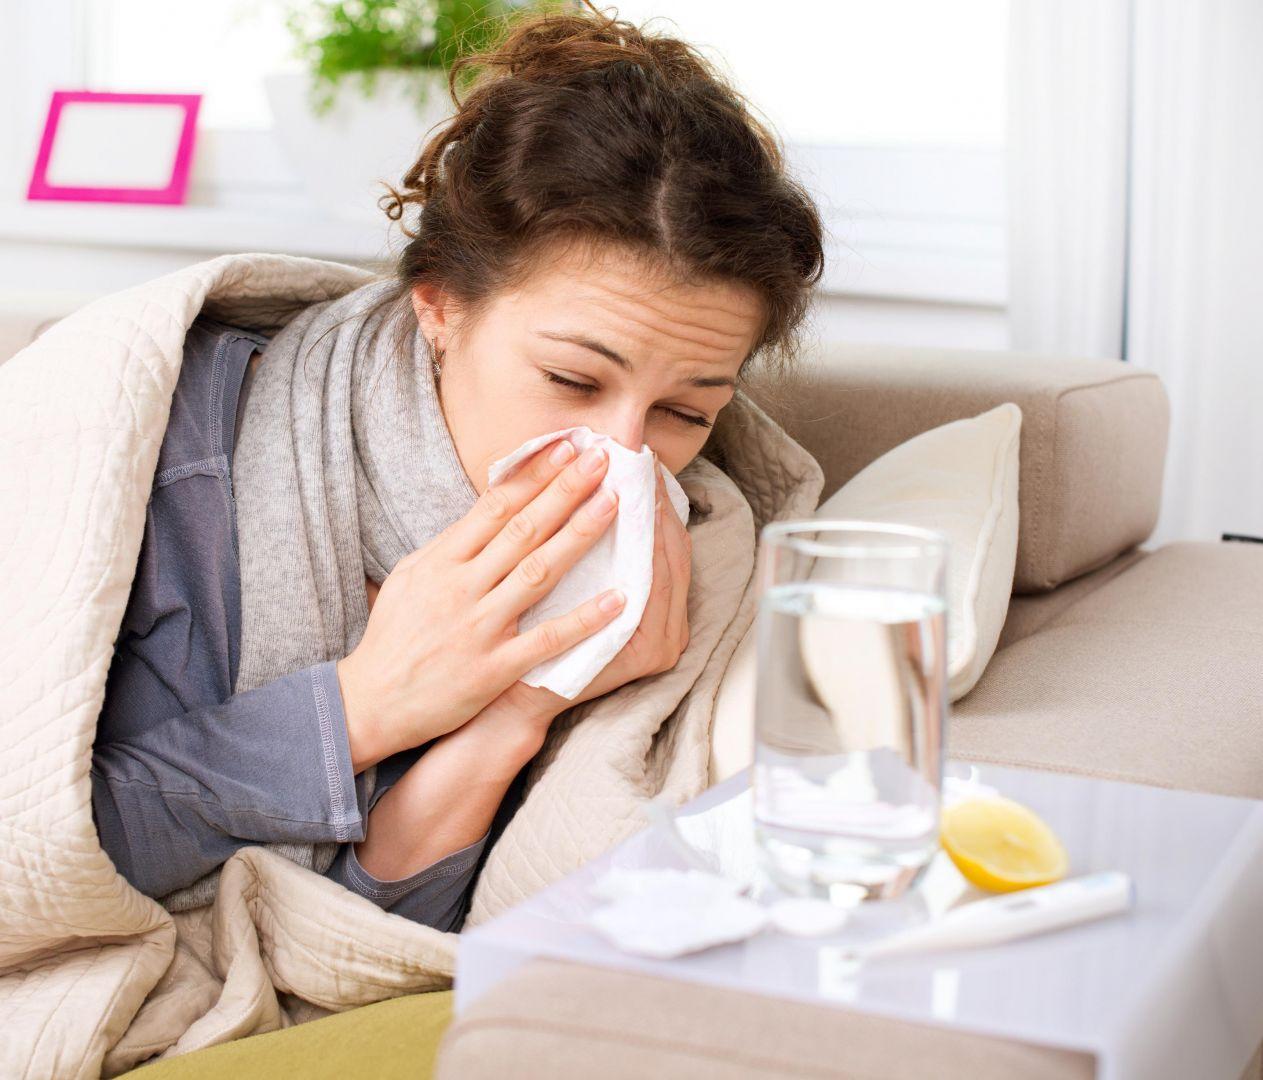 Роспотребнадзор призвал ставропольцев соблюдать меры профилактики заражения вирусами гриппа и ОРВИ